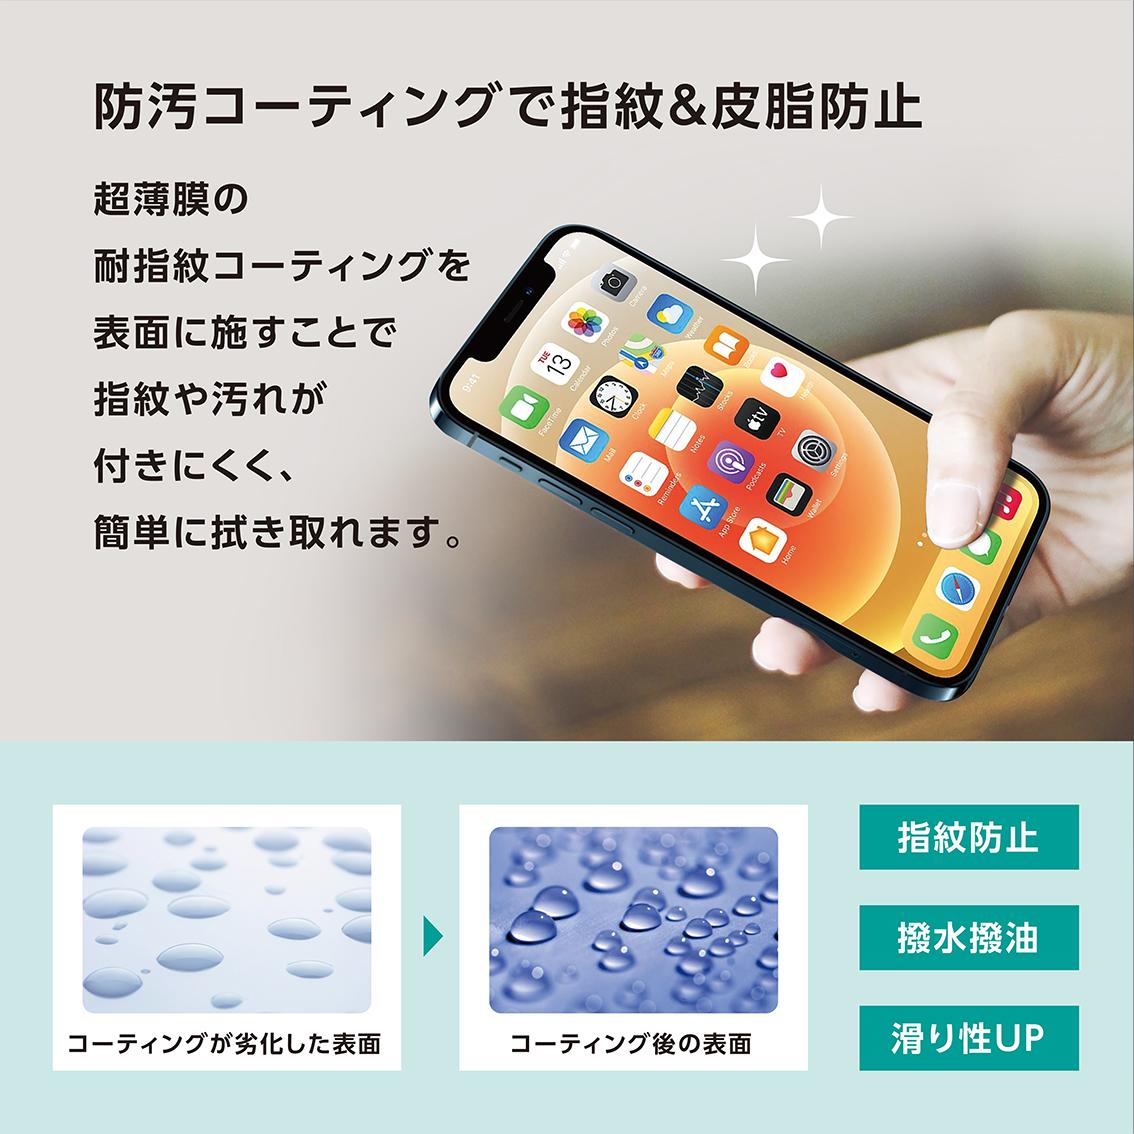 [iPhone 13 Pro Max専用]CRYSTAL ARMOR クリスタルアーマー PAPER THIN ゴリラガラス製 ラウンドエッジ   ブルーライトカット 抗菌・耐衝撃 強化ガラス 0.15mm iPhone13ProMax 保護フィルム